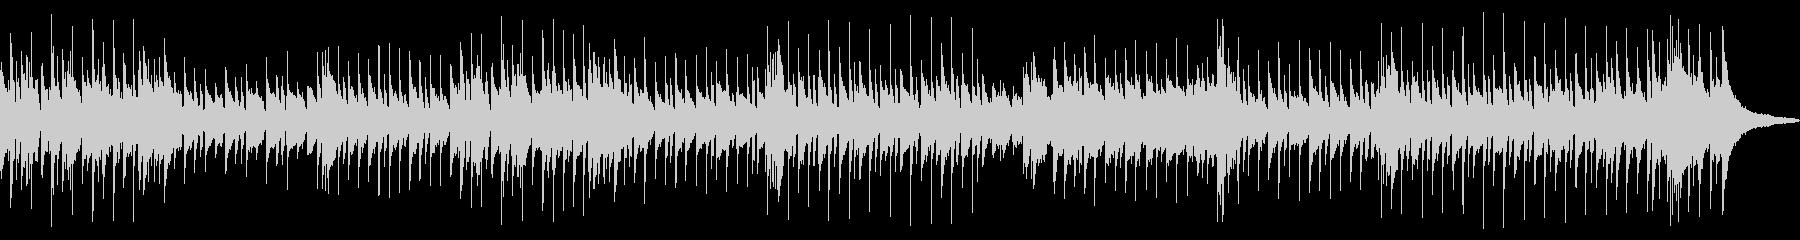 カントリー、フォーク、バラードスタイルの未再生の波形